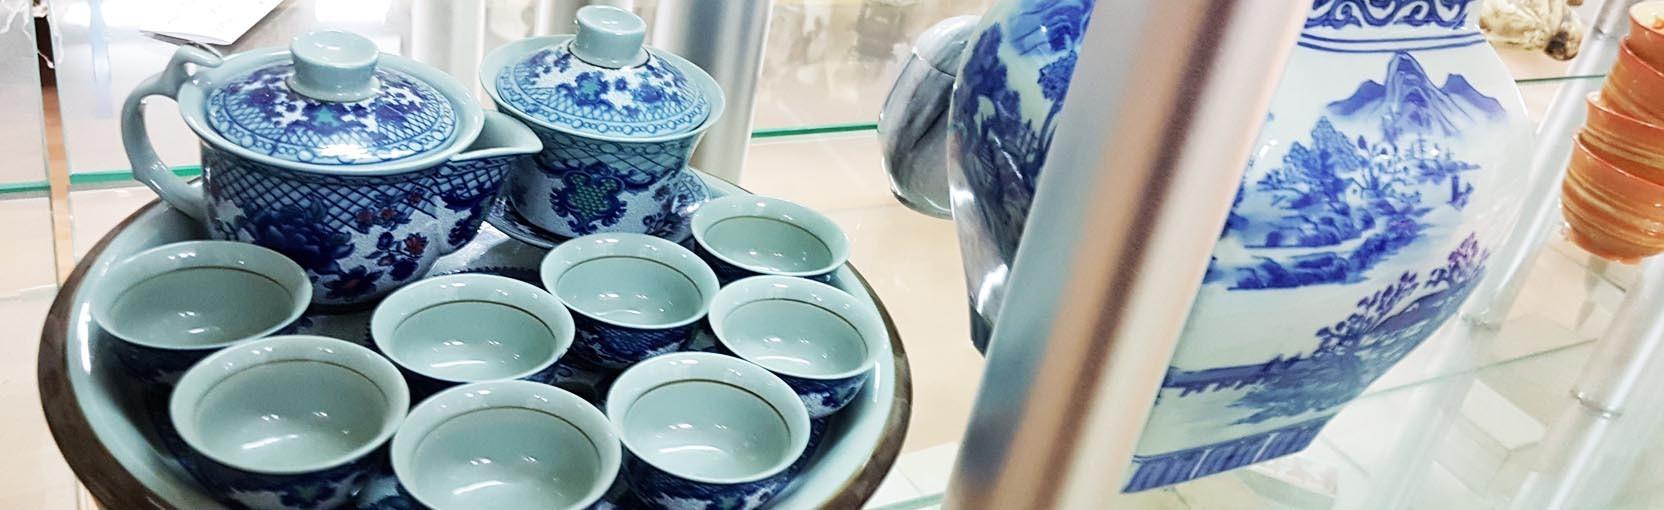 Vous cherchez un ensemble à thé asiatique? Pratiquez l'art du Gong Fu Cha avec nos sets, théières et plateau! Oriental-Import.com